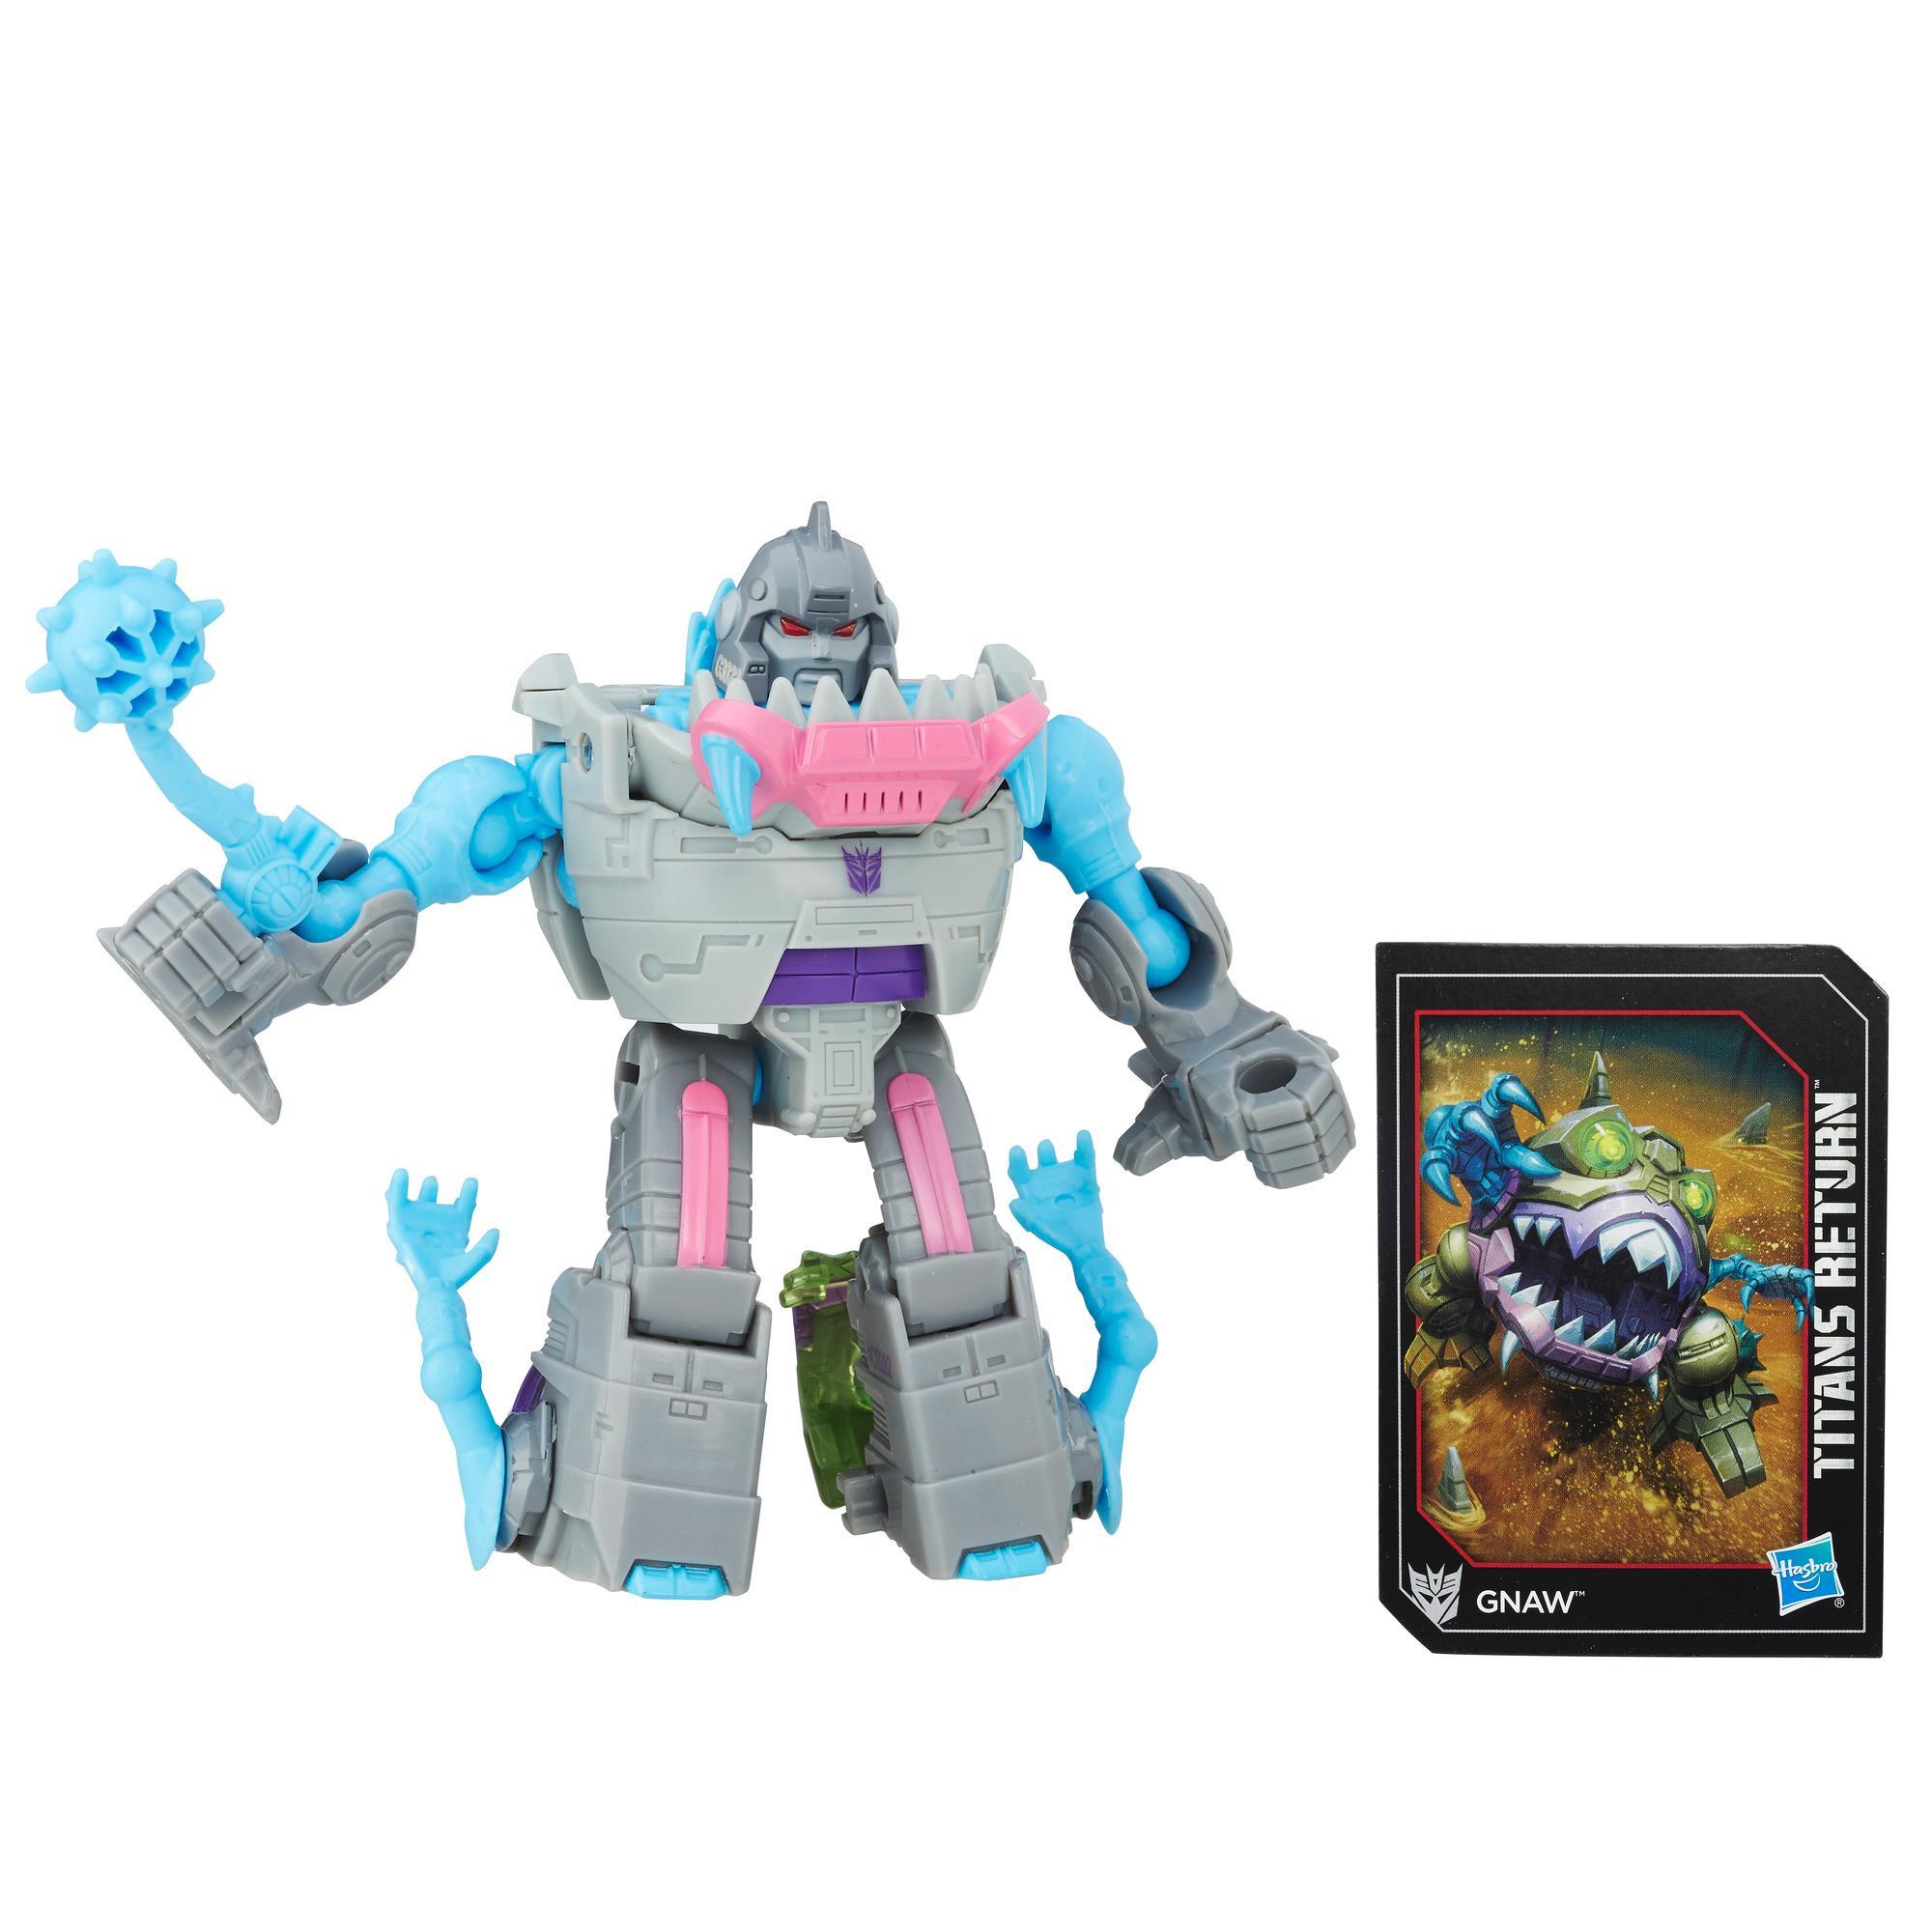 Bq Figura Transformers Leg Titan Ret - Gnaw